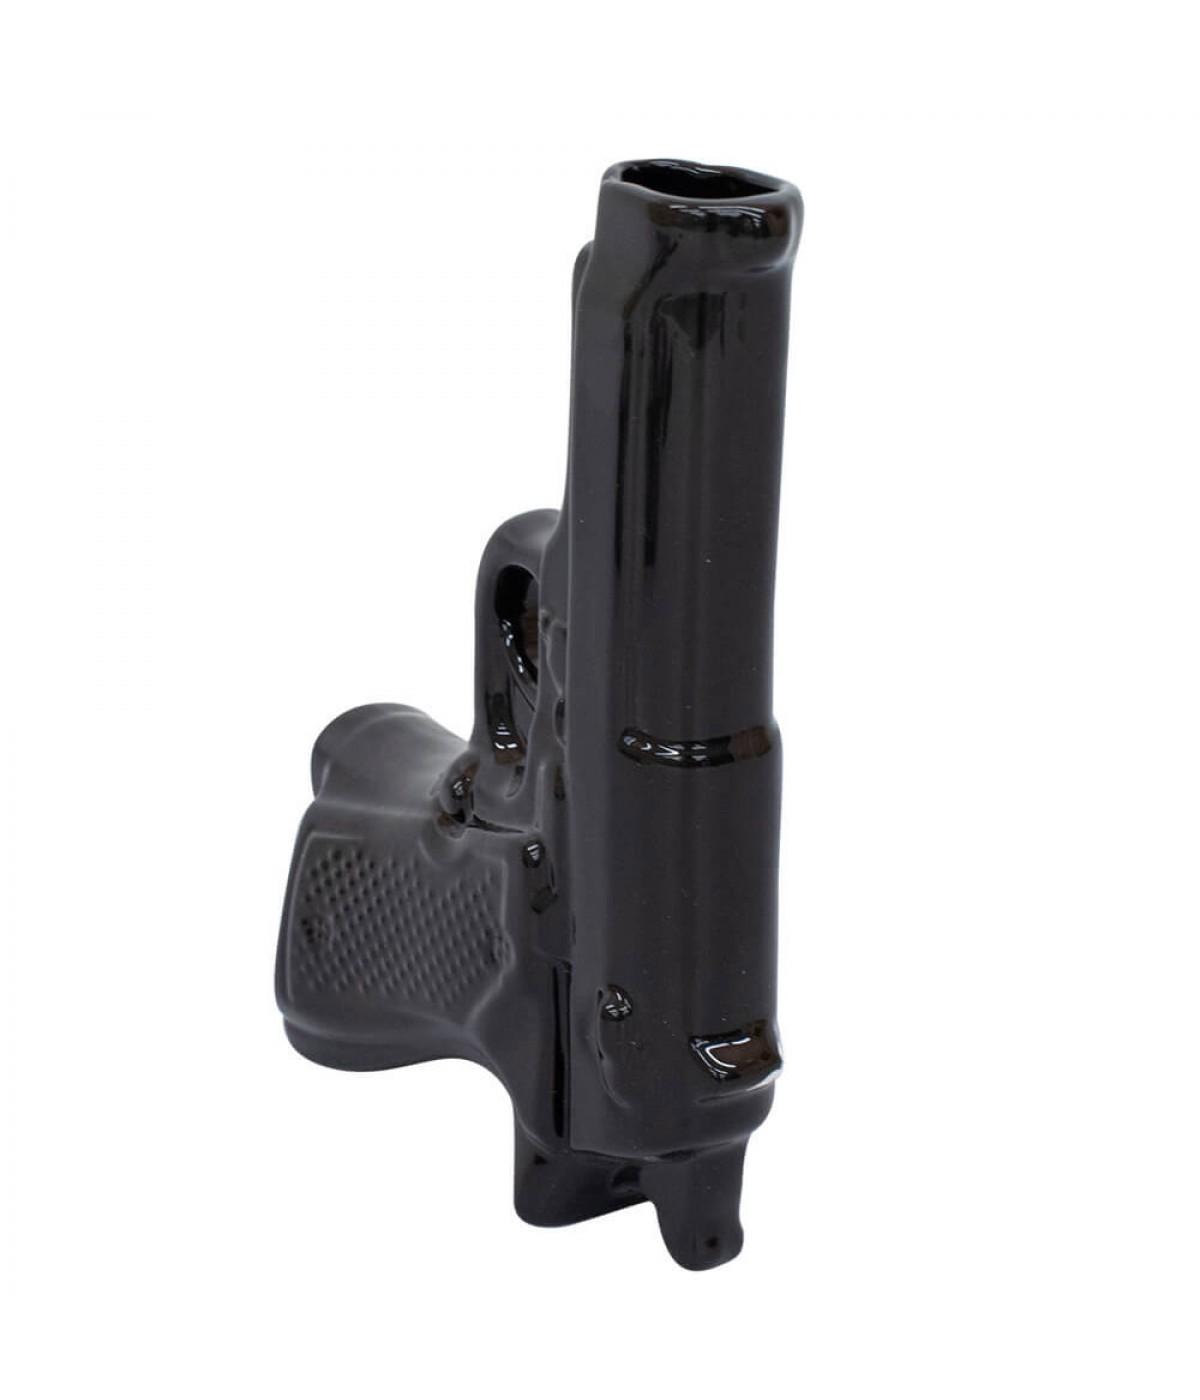 Vaso de Planta: Pistola